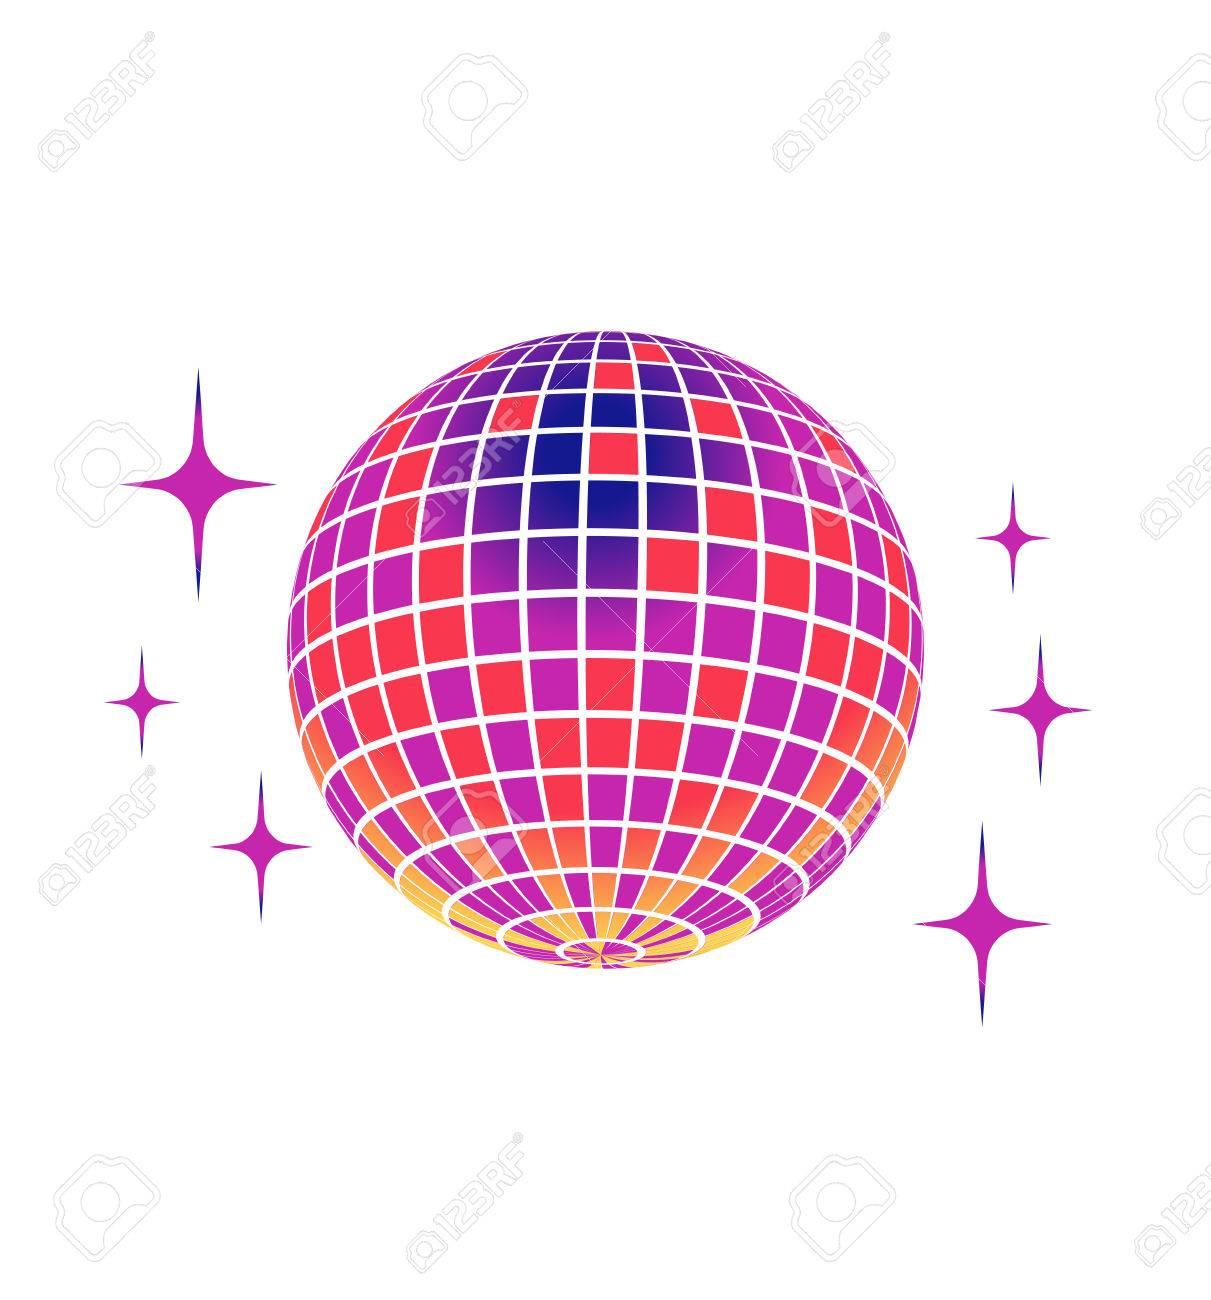 disco ball vector icon royalty free cliparts vectors and stock rh 123rf com disco ball vetor disco ball vector free